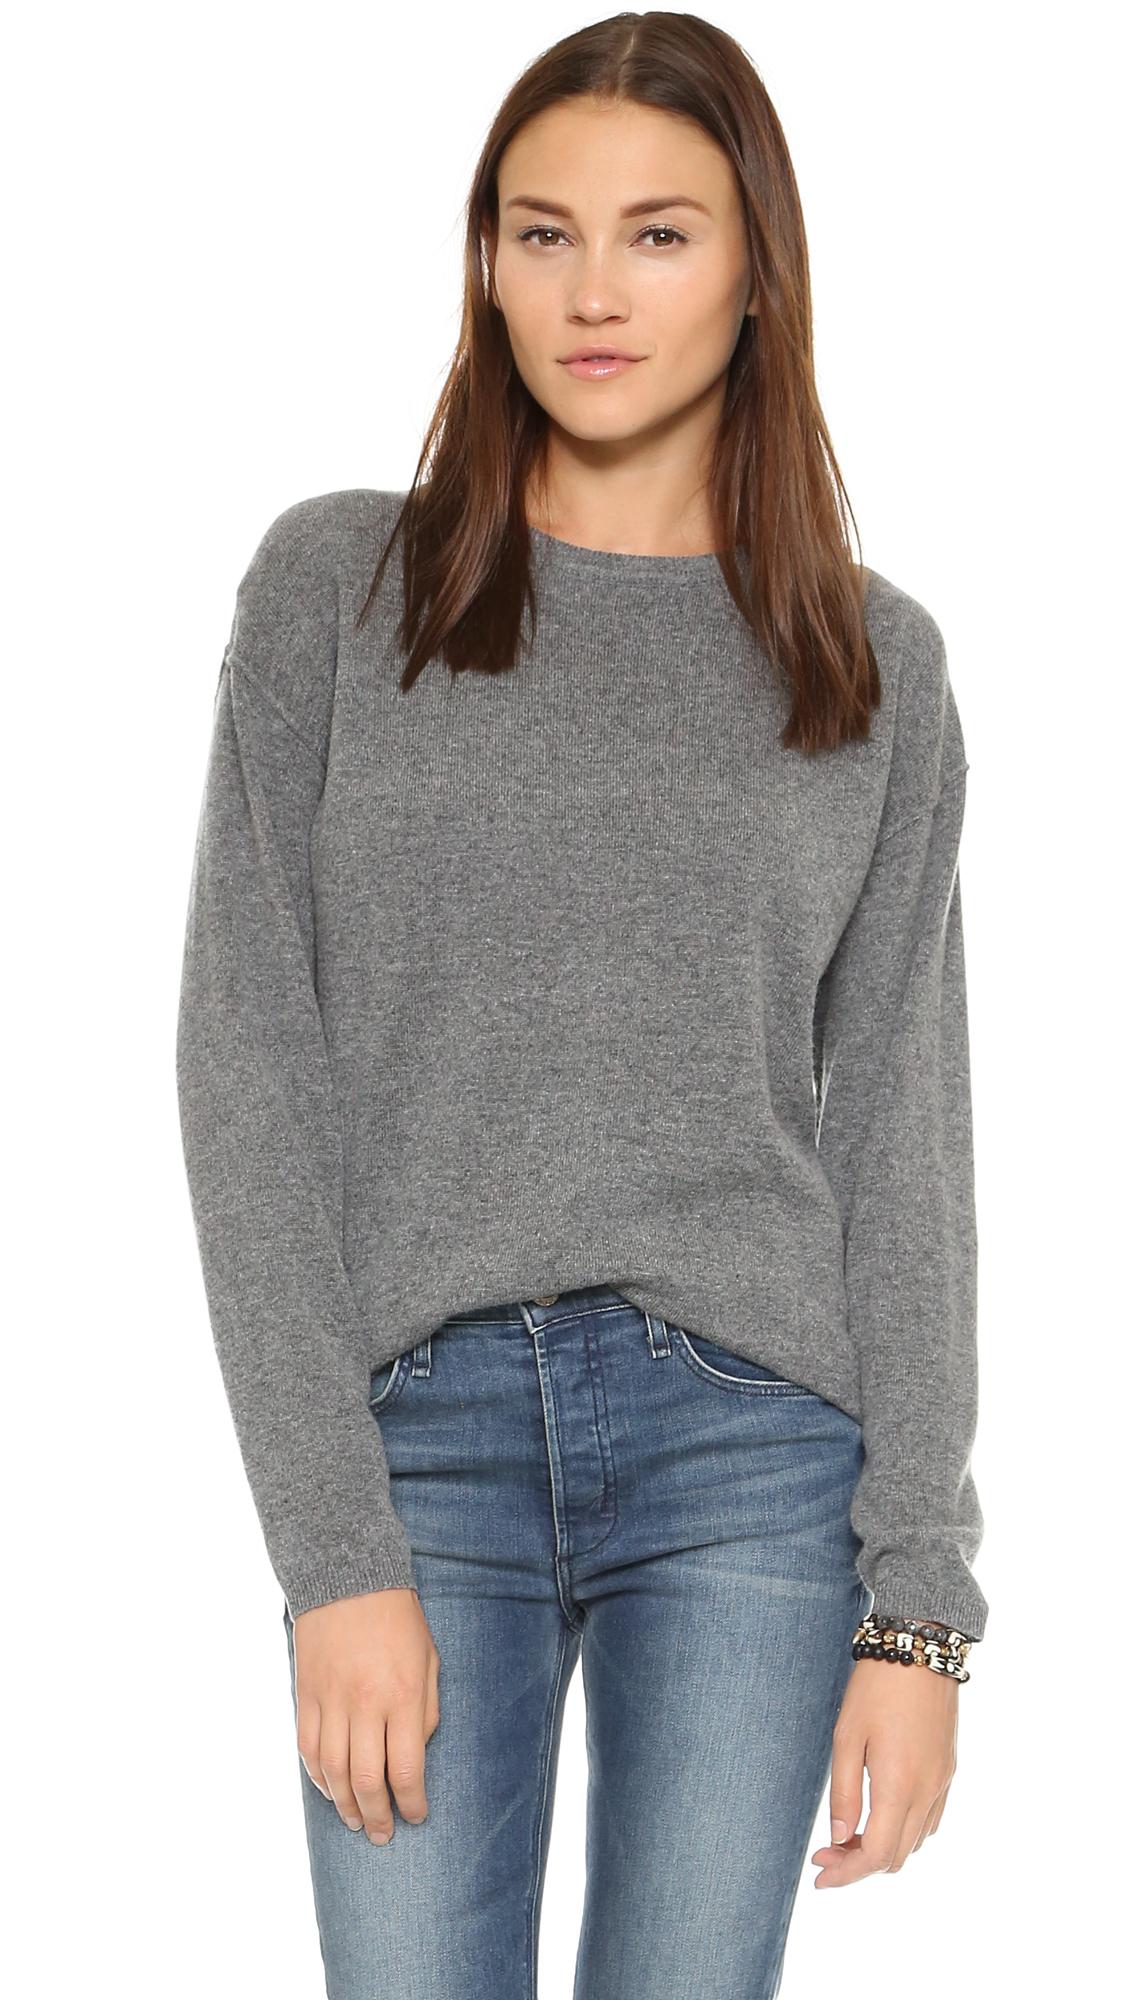 Earnest sewn Dylan Boyfriend Sweater - Grey in Gray | Lyst